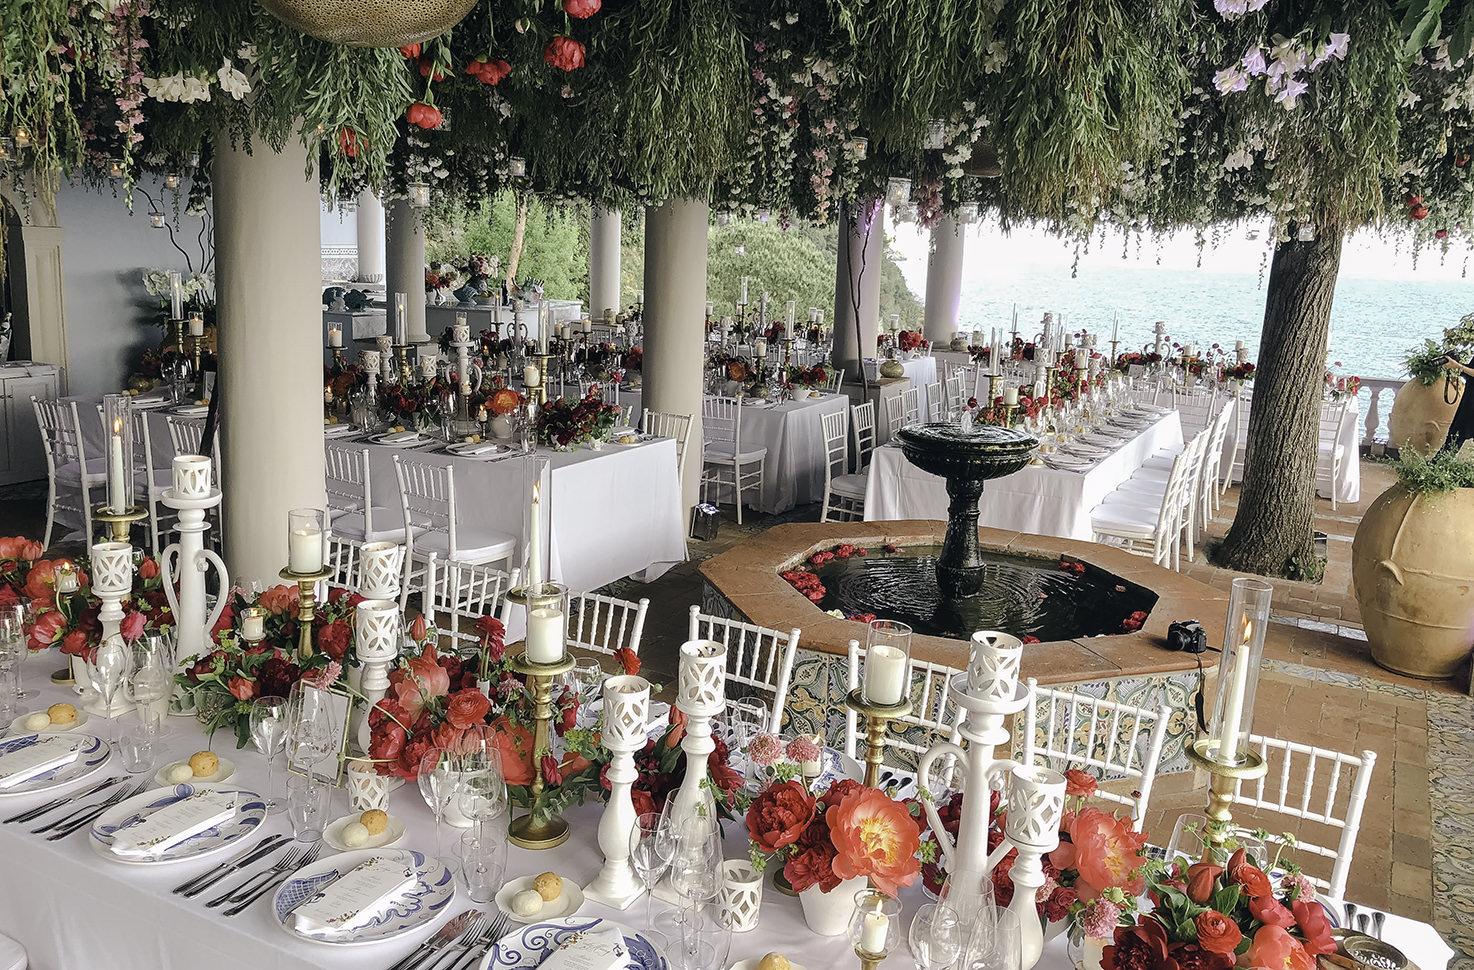 Wedding Banquet in Positano